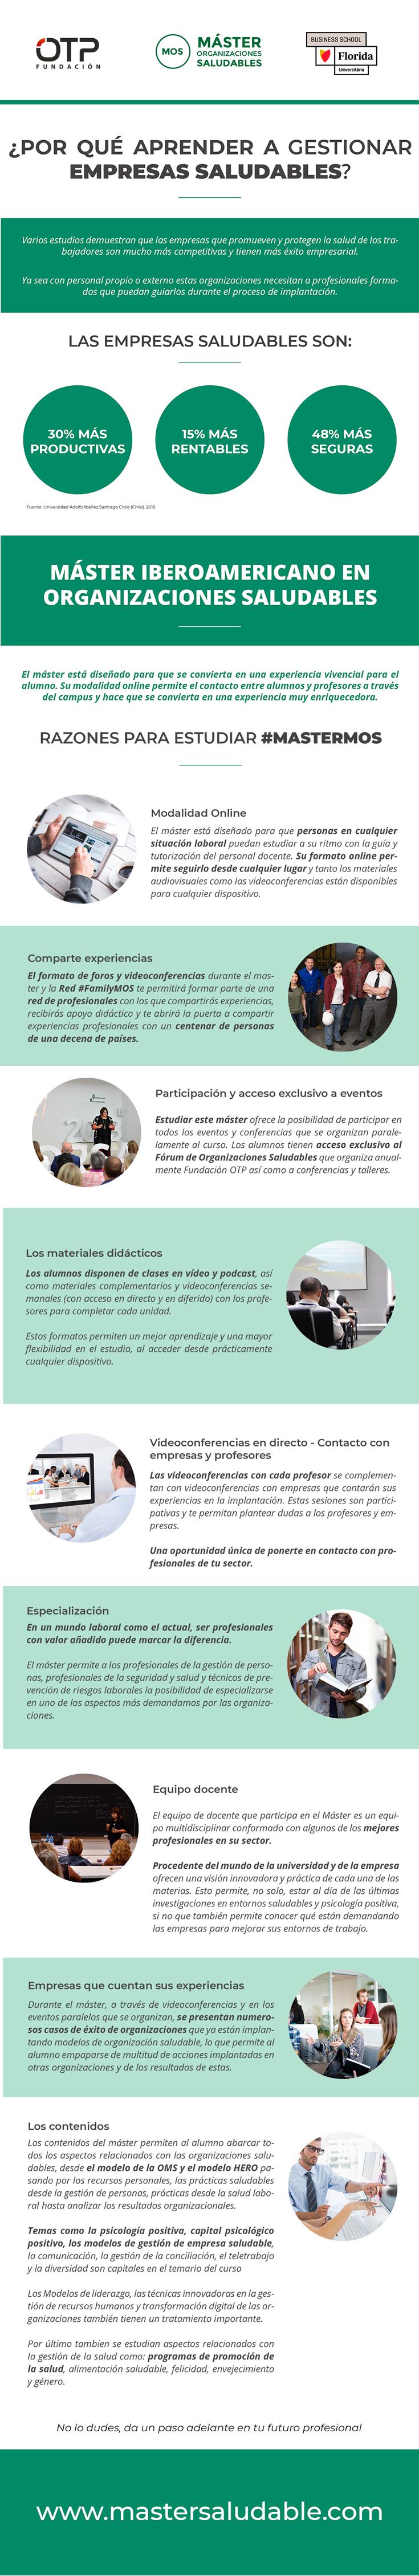 por que aprender a gestionar empresas saludables con el máster iberoamericano en organizaciones saludables